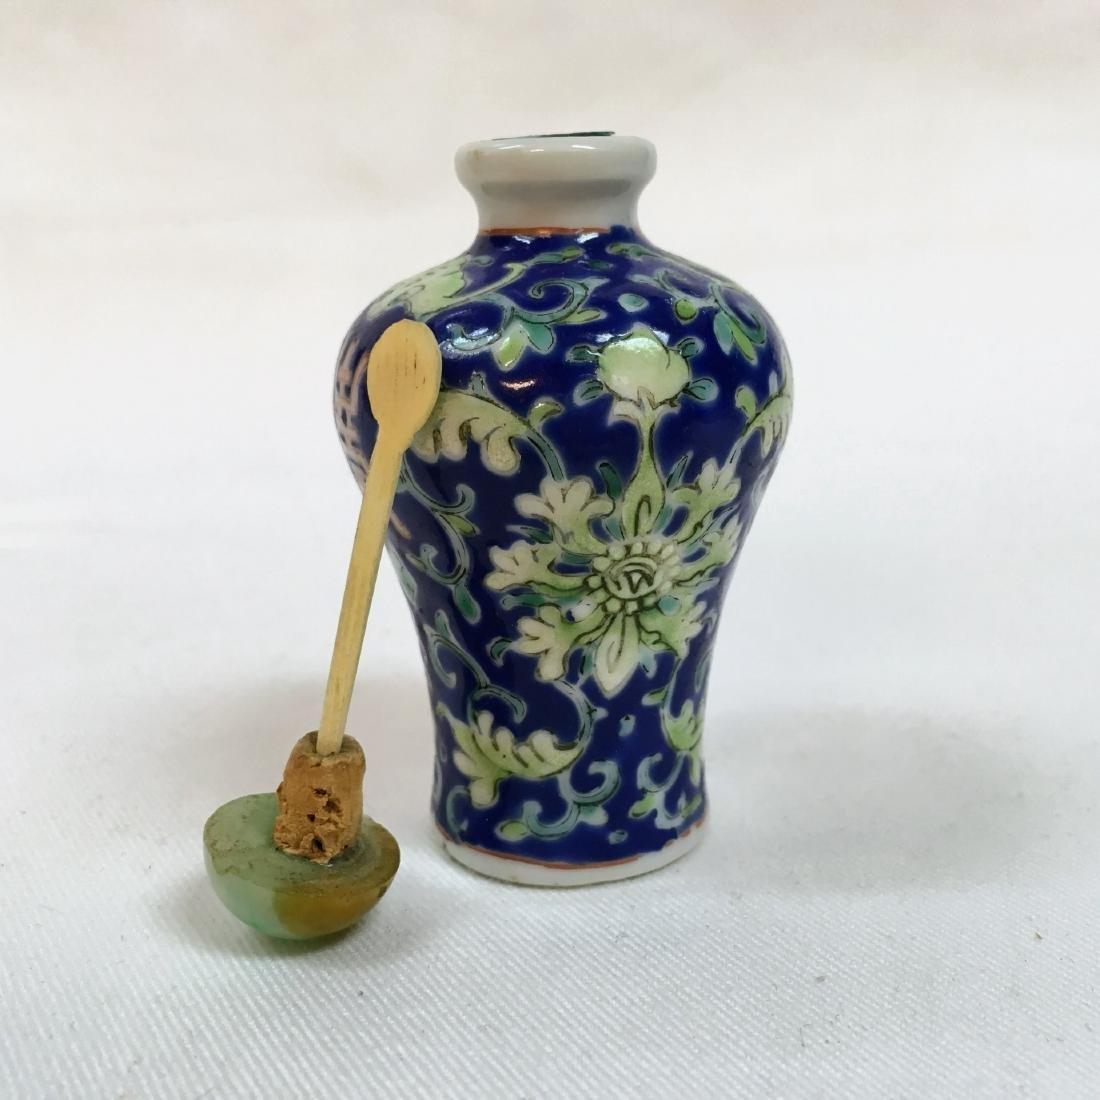 Chinese underglaze blue and green glazed porcelain - 5